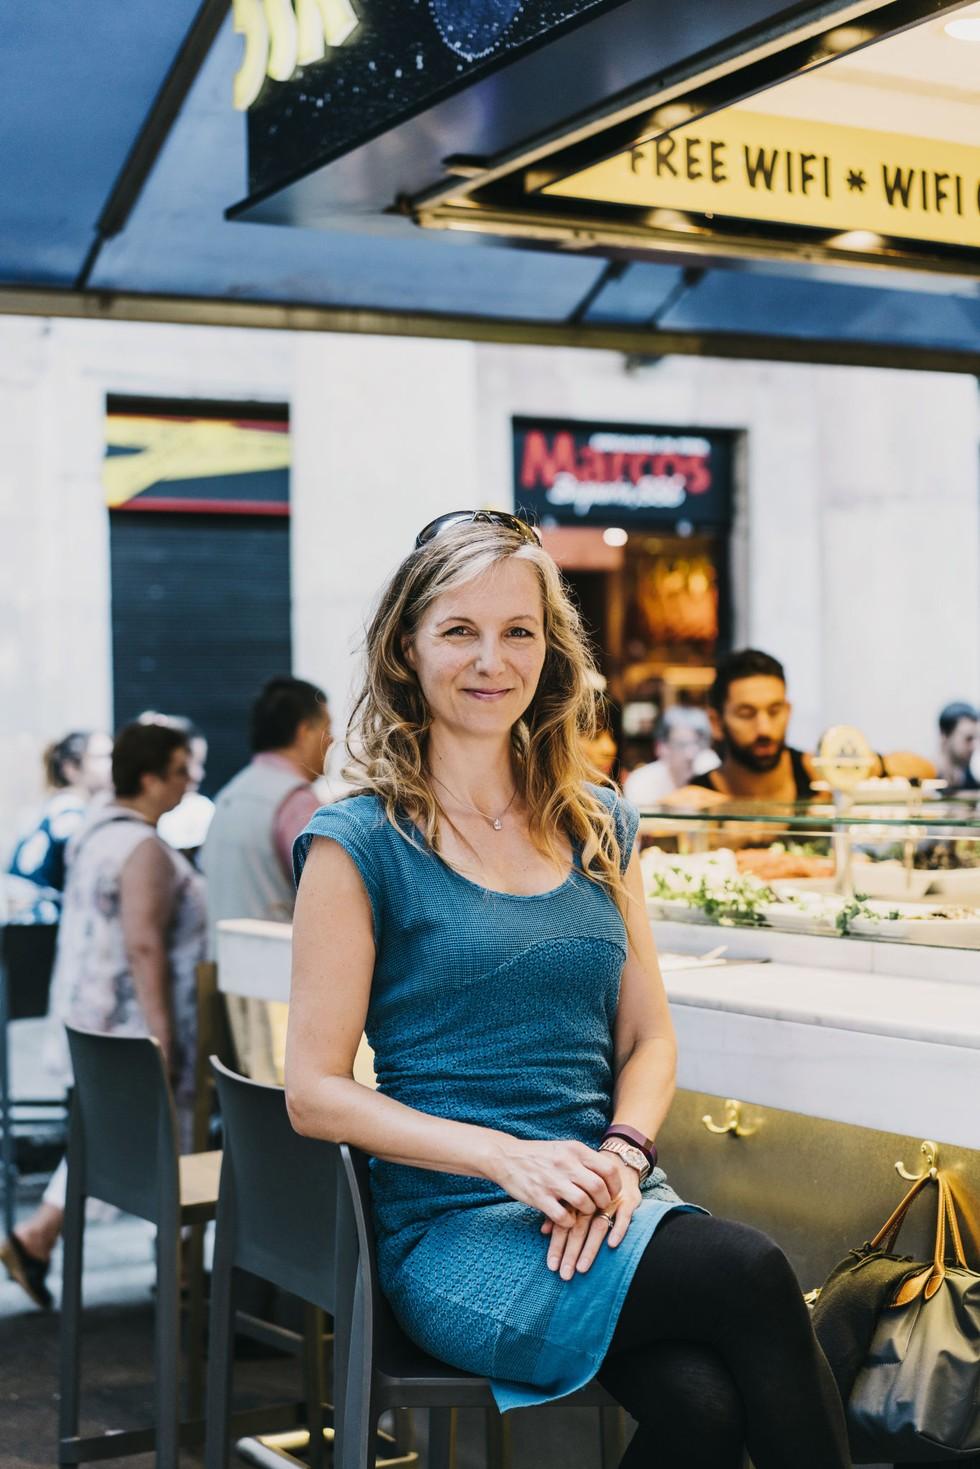 Lynette Kucsma, Tech entrepreneur